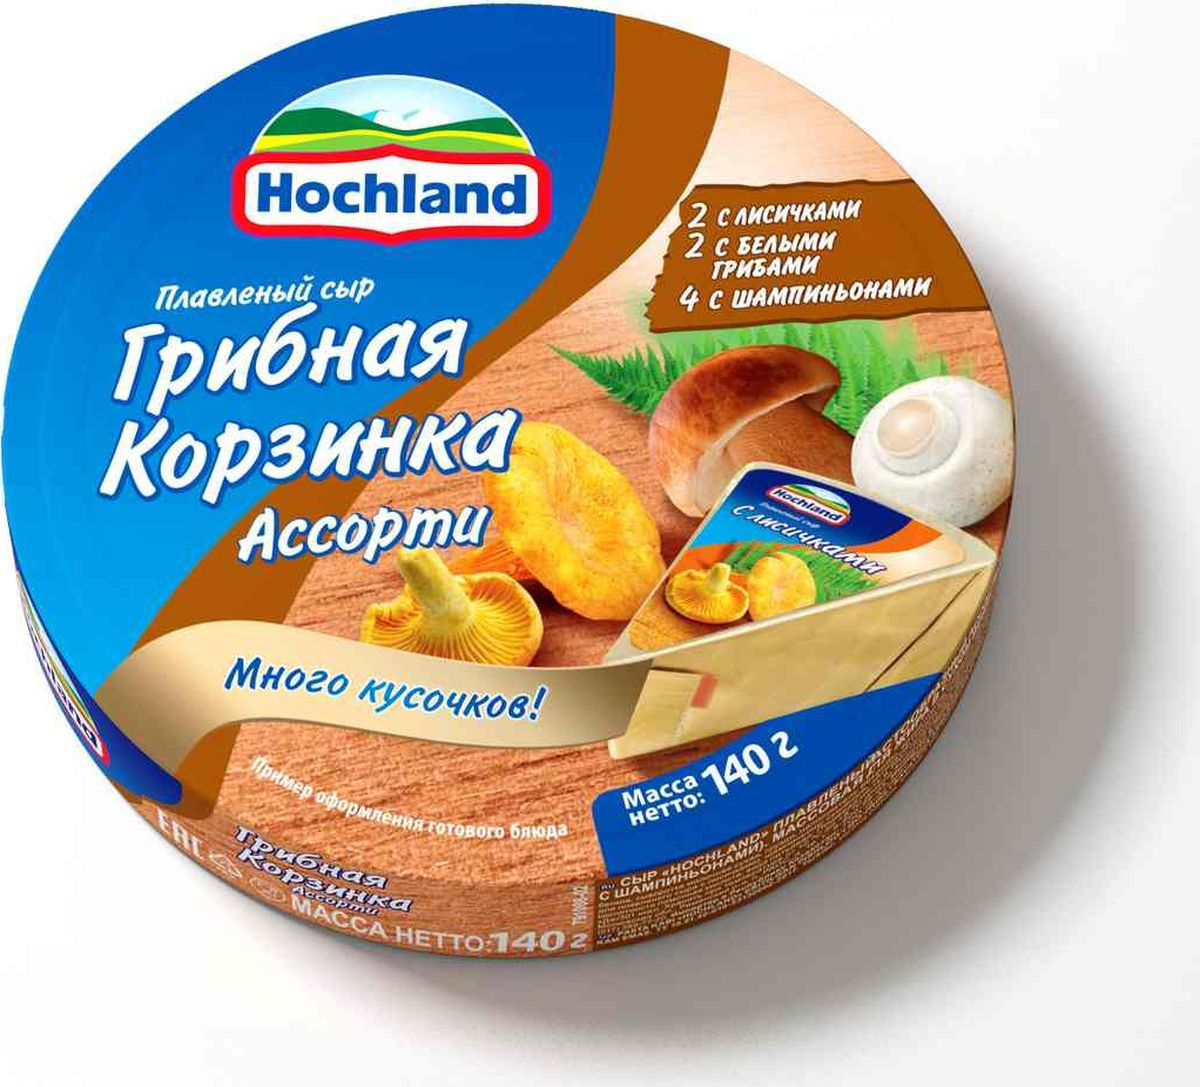 Плавленый сыр Hochland Грибная корзинка, 140 г valio viola сыр с лисичками плавленый в ломтиках 140 г